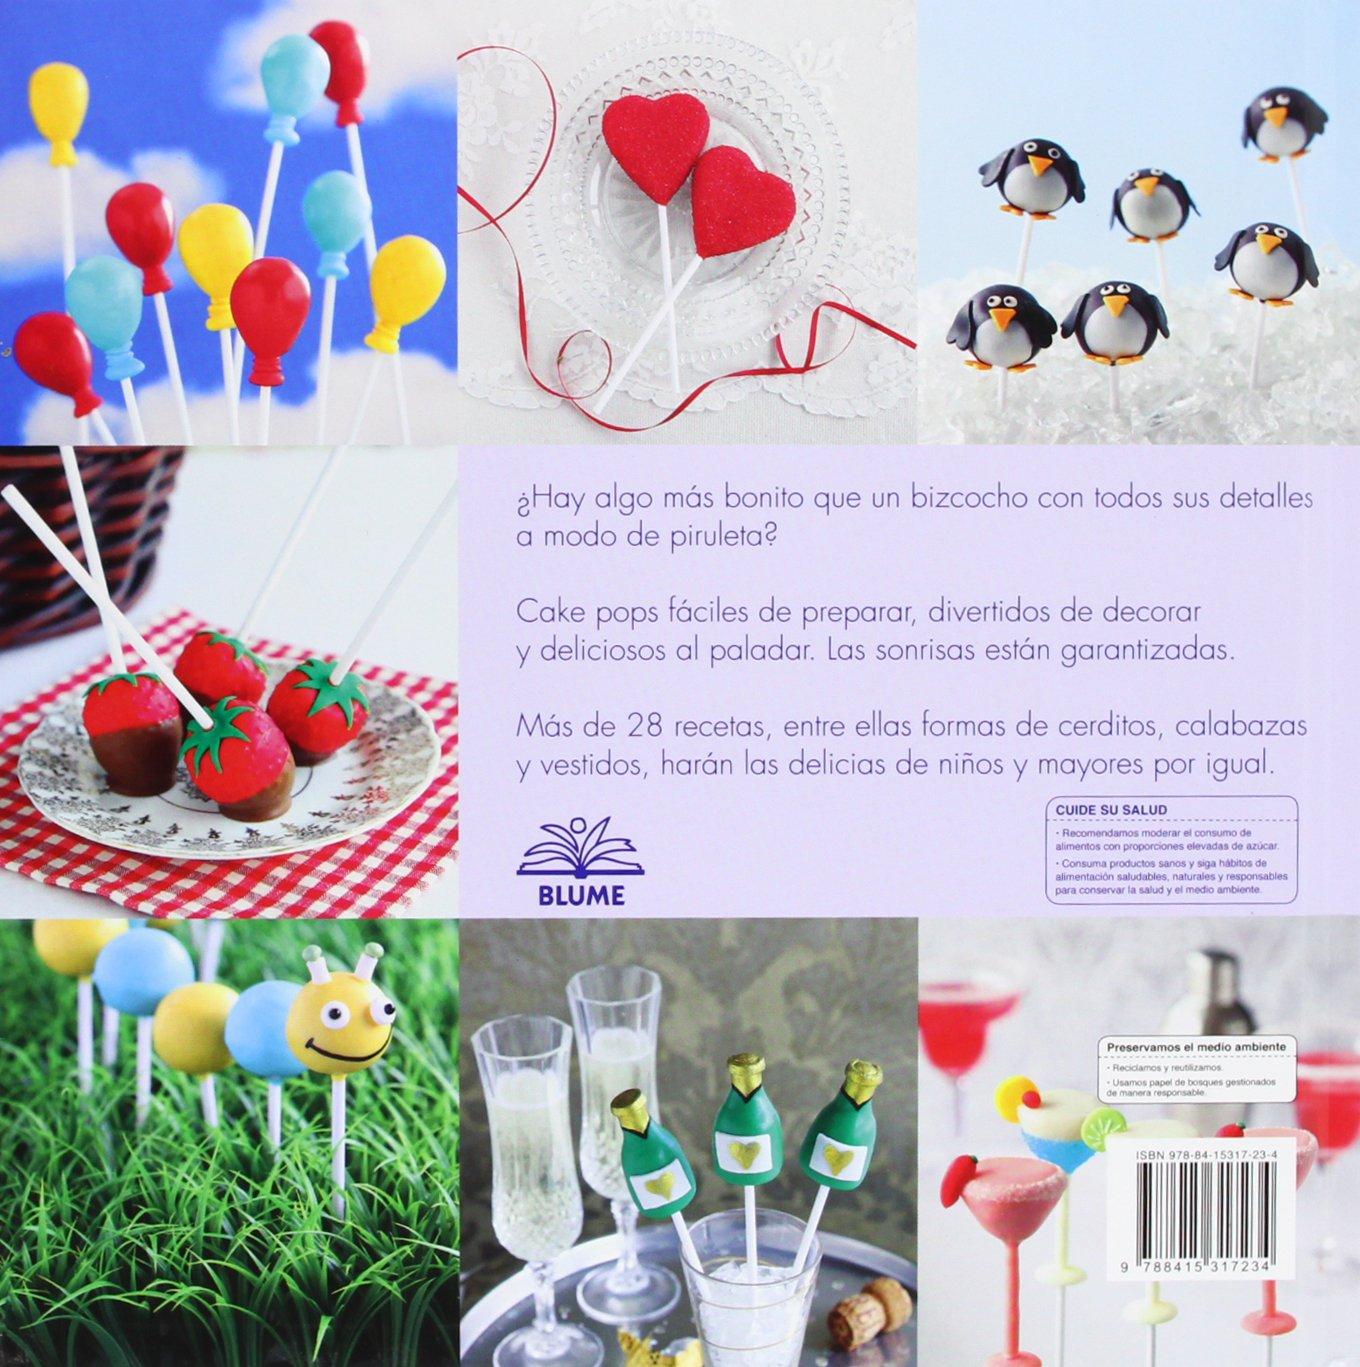 Cake Pops. Bizcochos Con Palito Para Celebraciones Y Fiestas: Amazon.es: Helen Attridge, Abby Foy: Libros